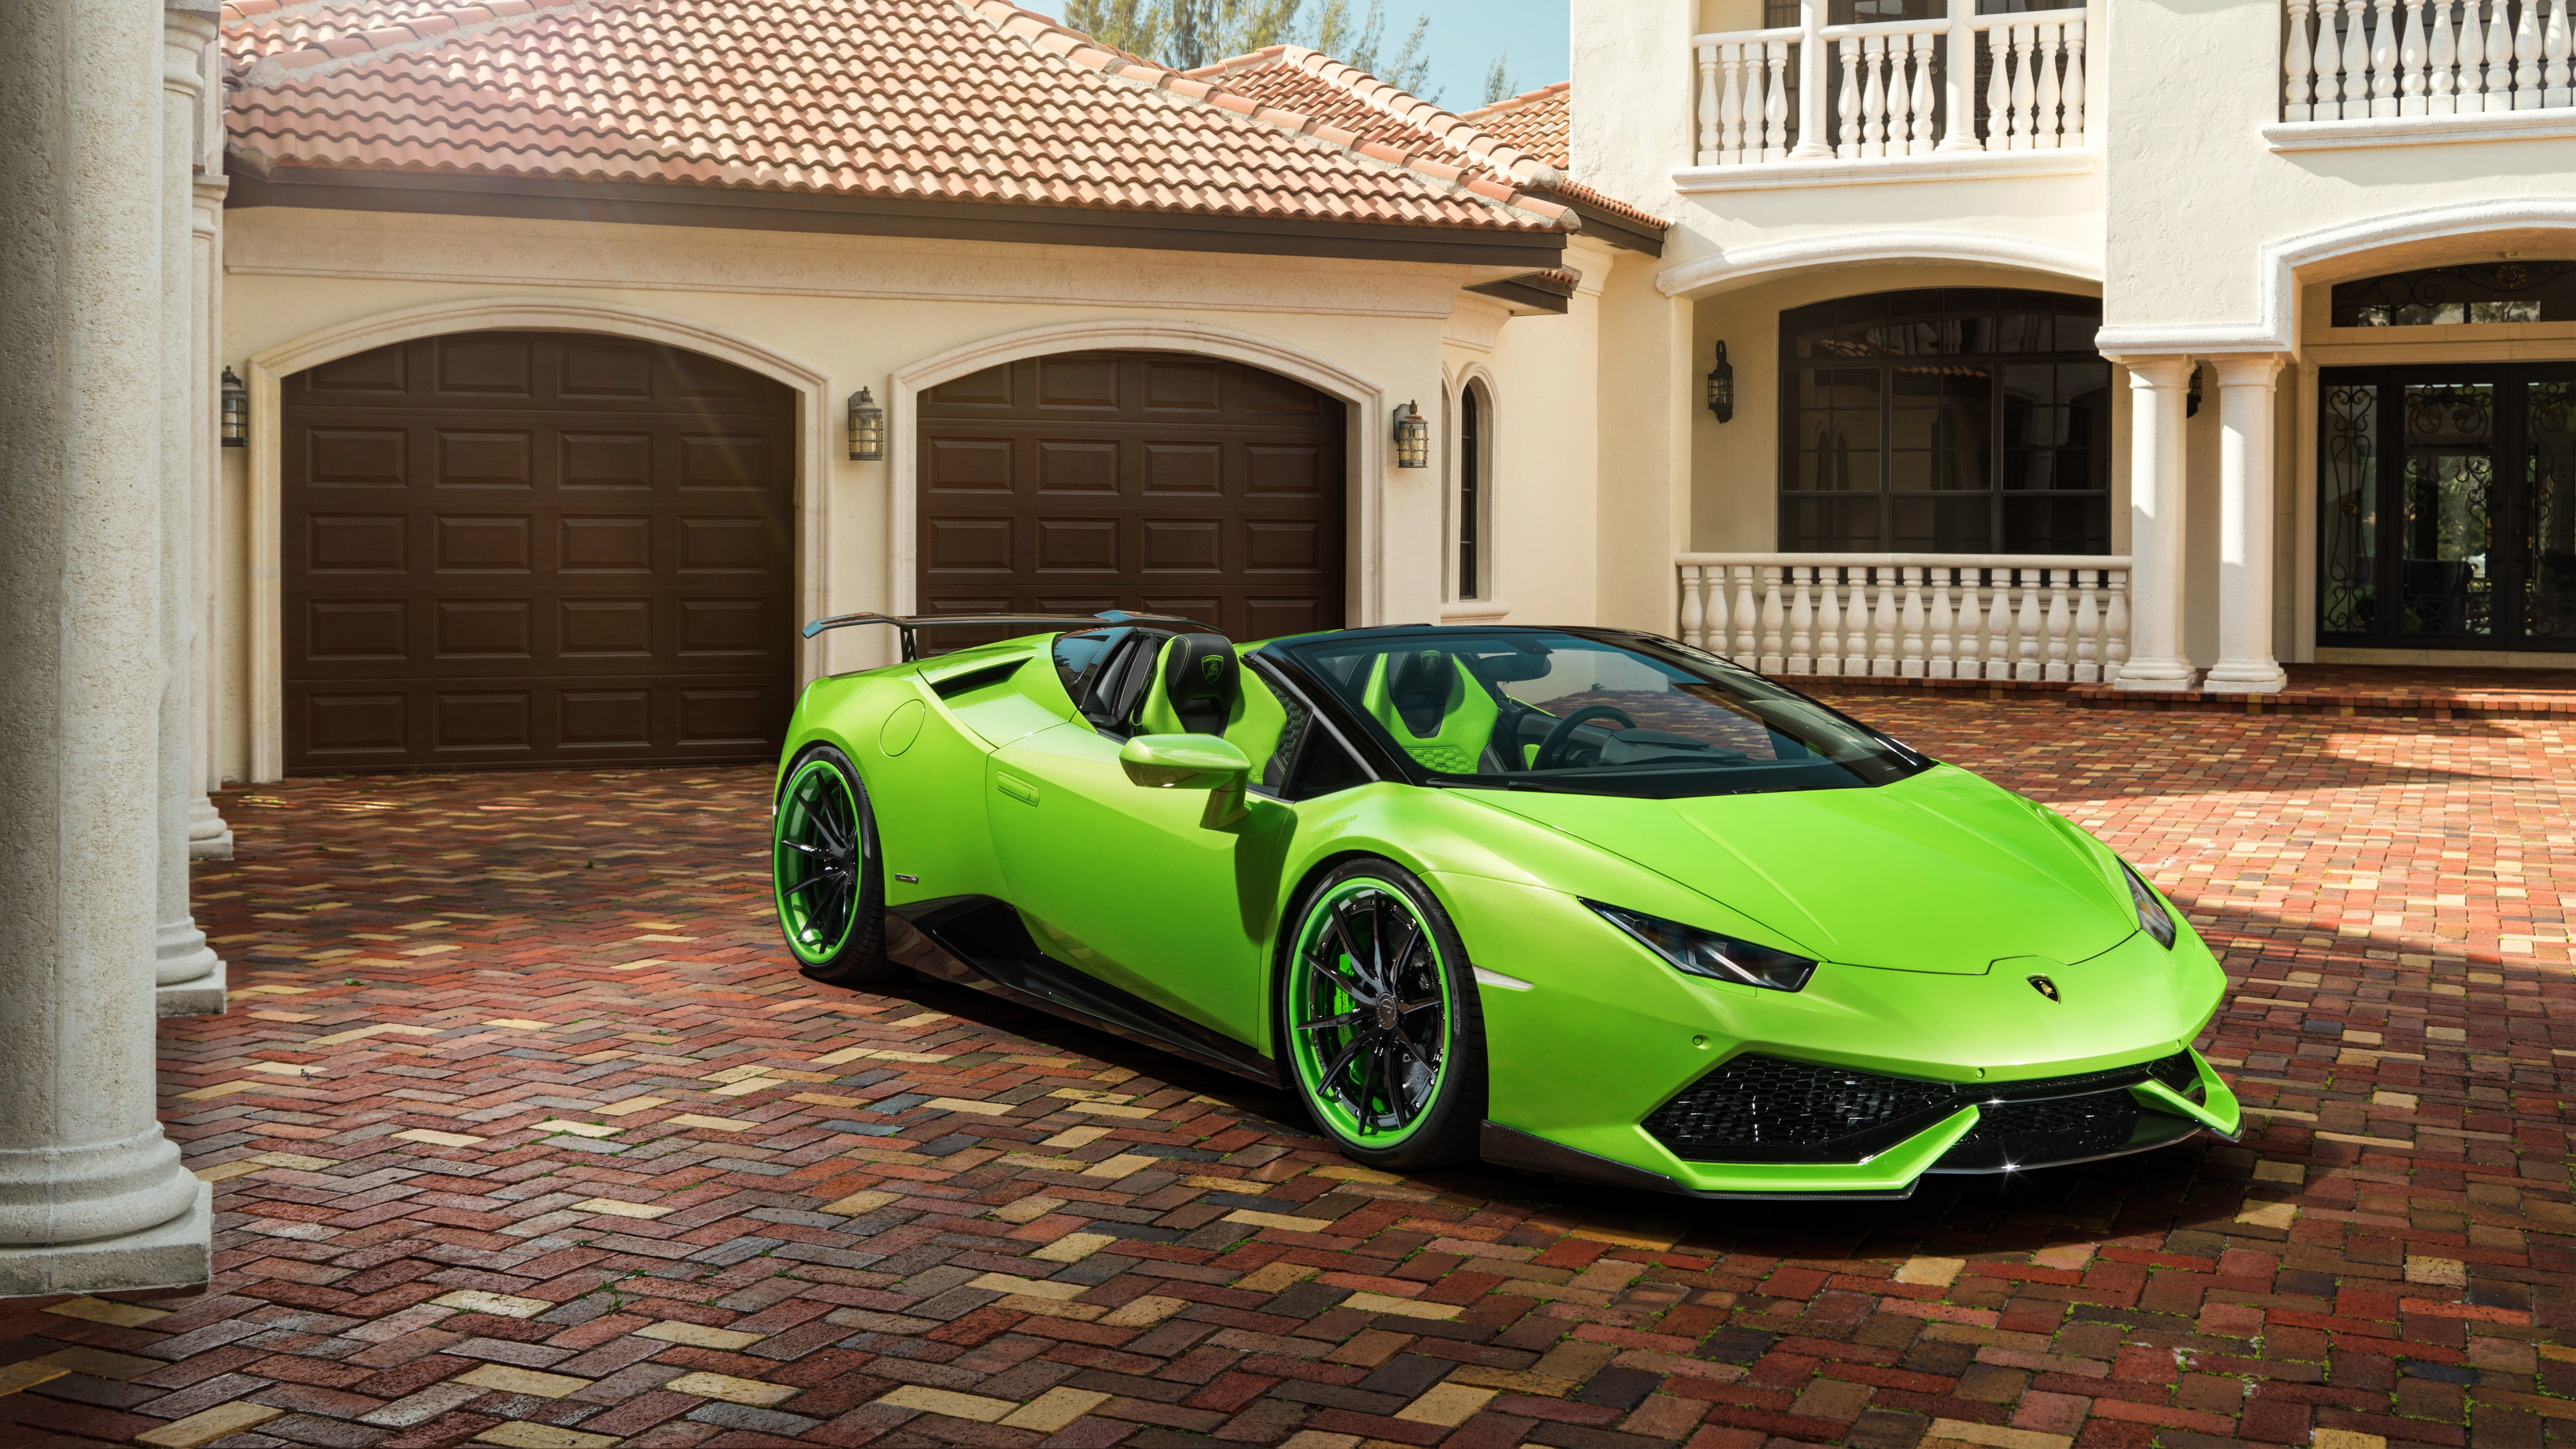 https://www.hdcarwallpapers.com/download/velos_green_lamborghini_huracan_roadster_5k-5120x2880.jpg